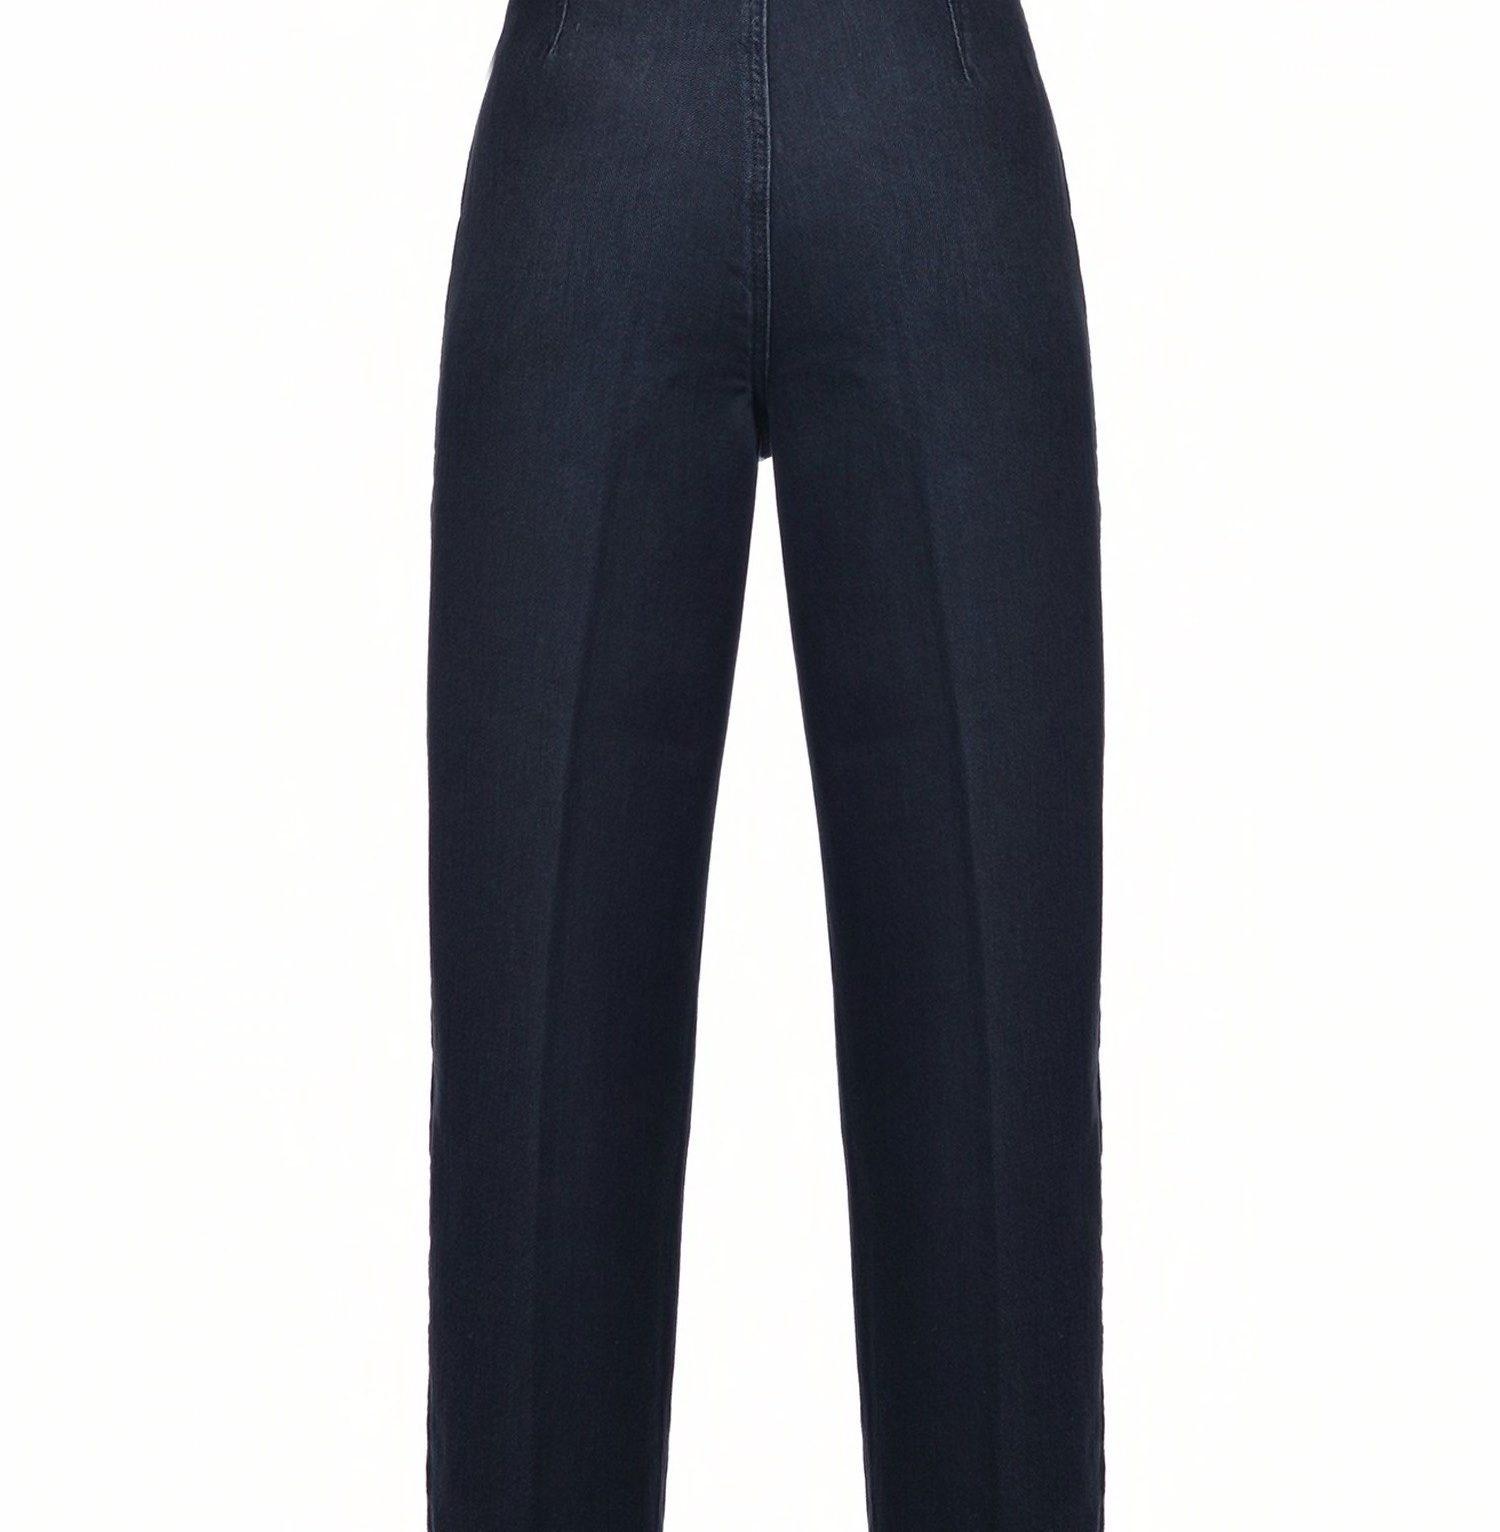 Pantalón de tejido vaquero con cinturón efecto piel